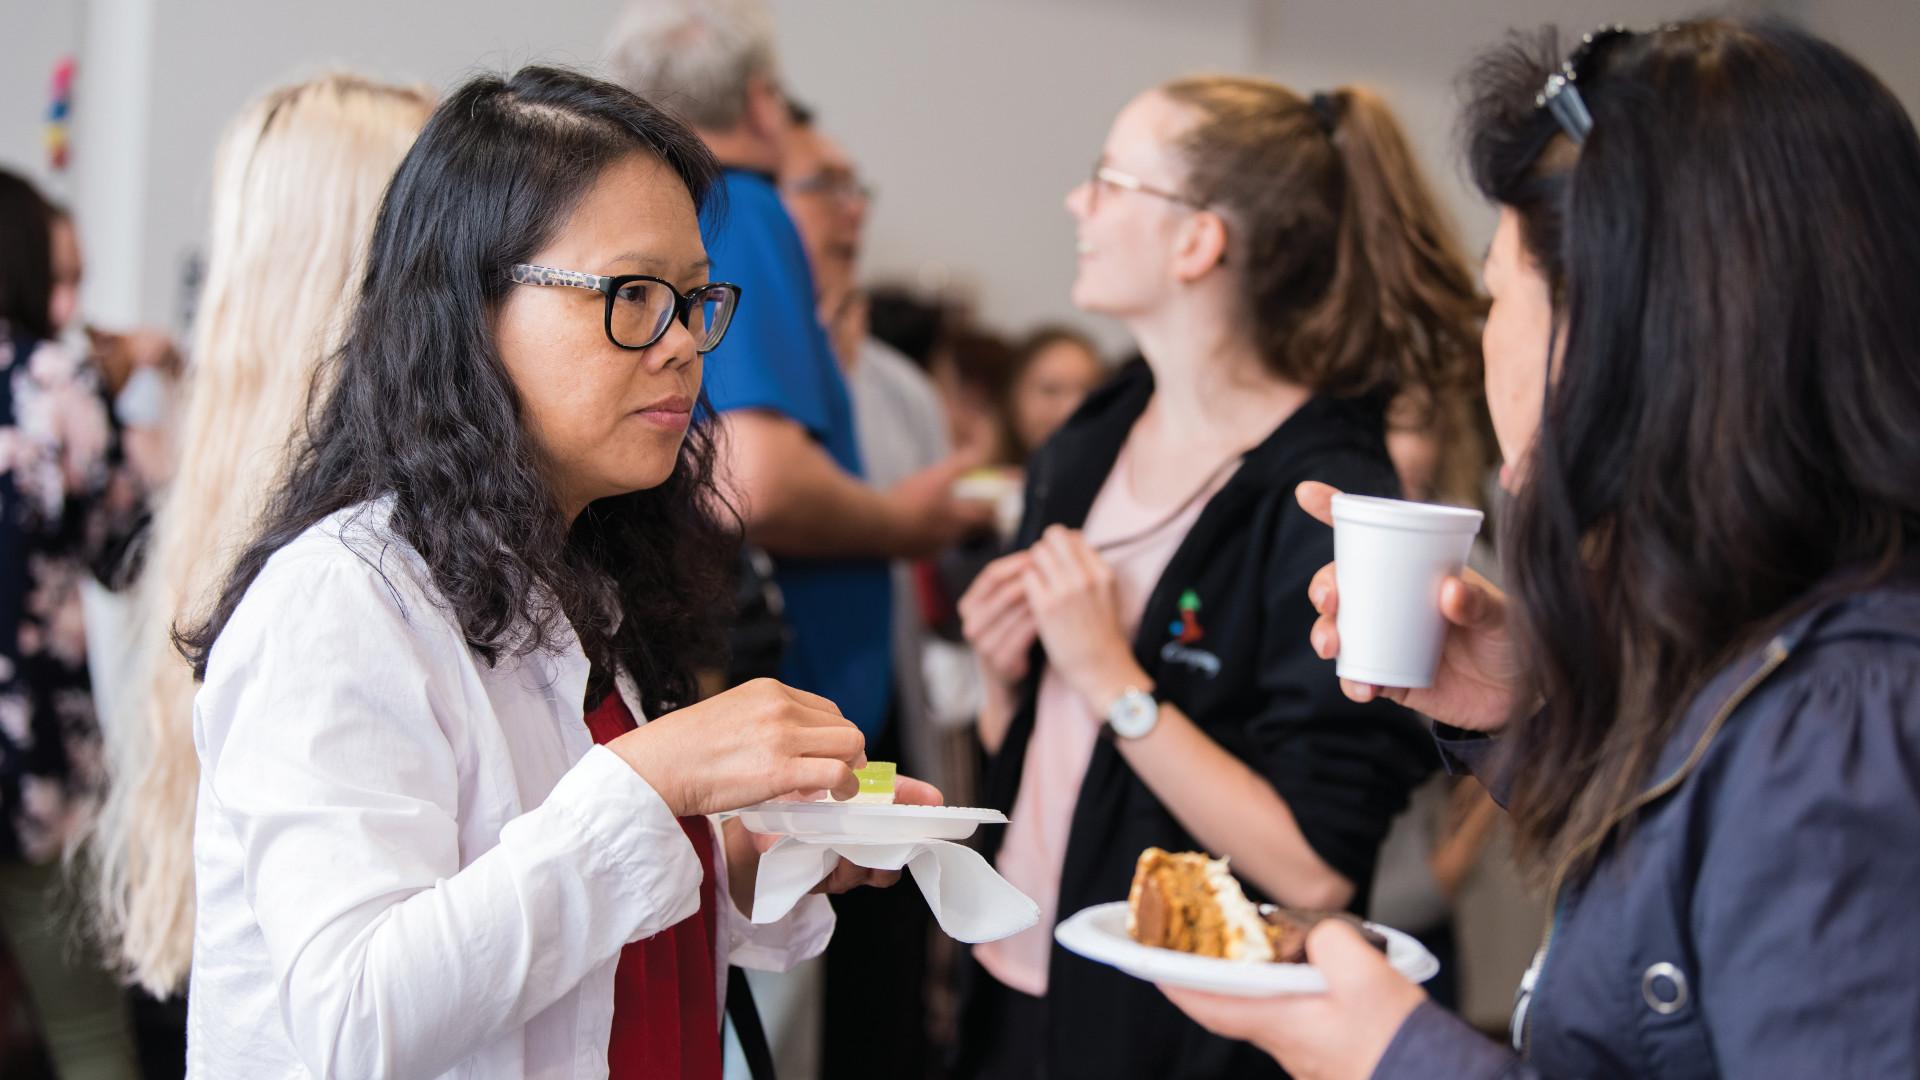 Two Asian women eating